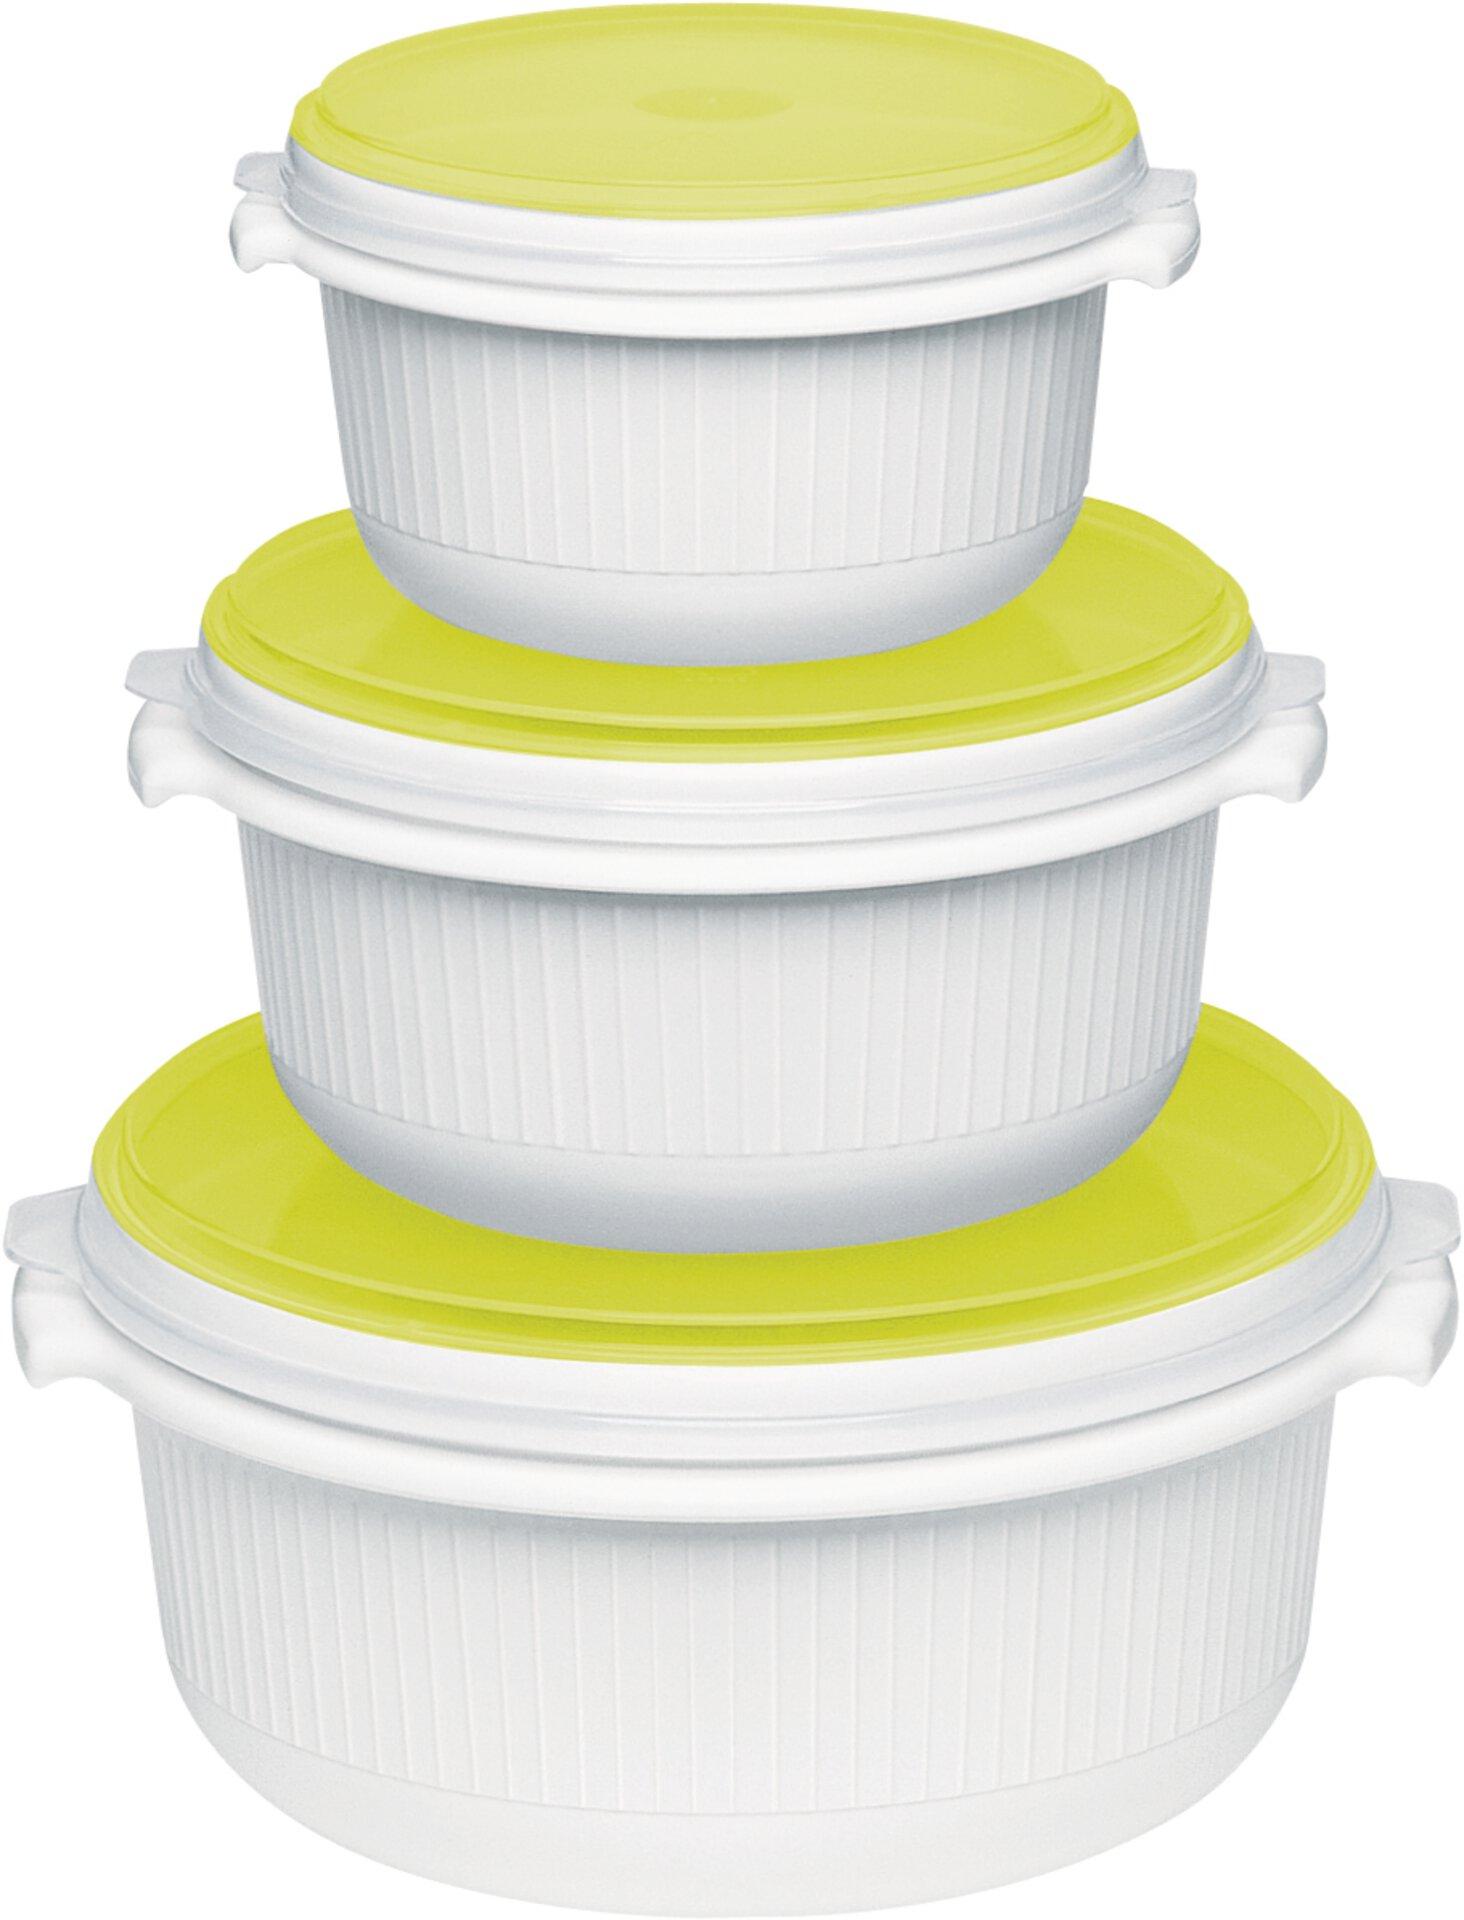 Küchenzubehör Micro Family Emsa Kunststoff weiß